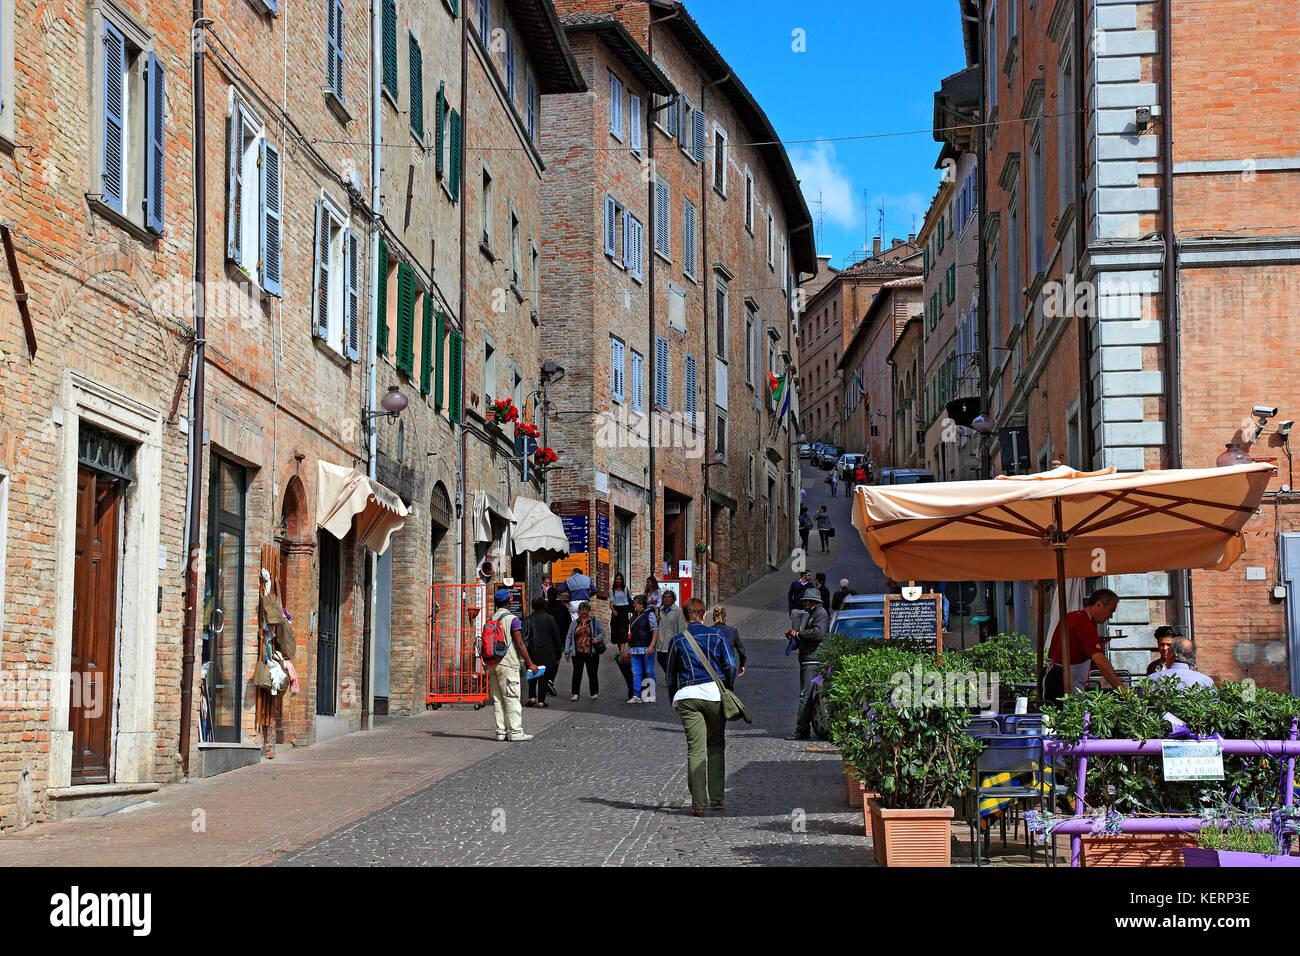 Centre de la vieille ville d'Urbin, Marches, Italie Banque D'Images